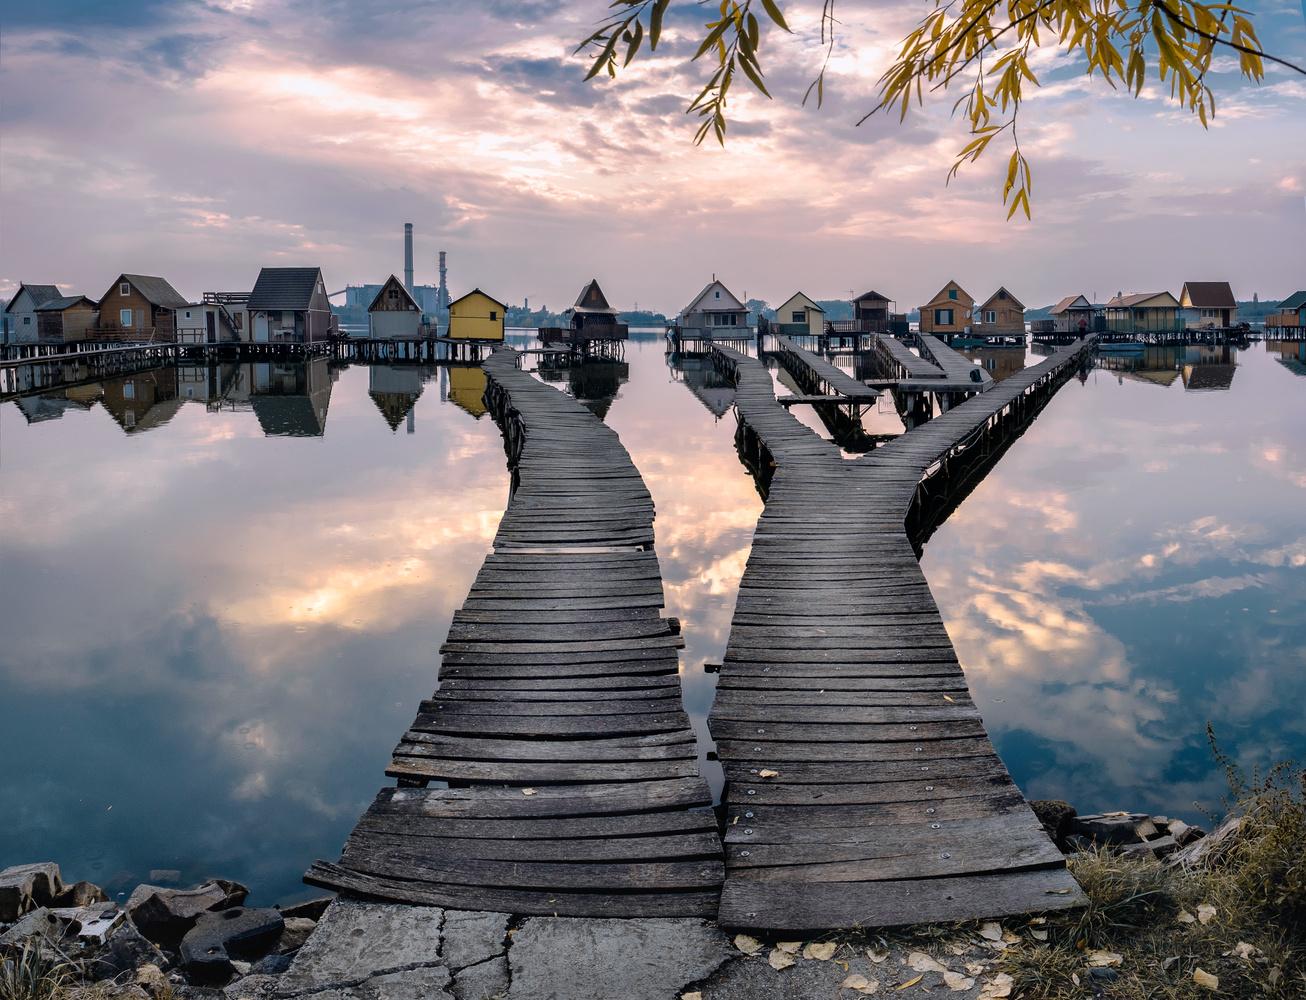 Stilt village. by Matthias Dengler